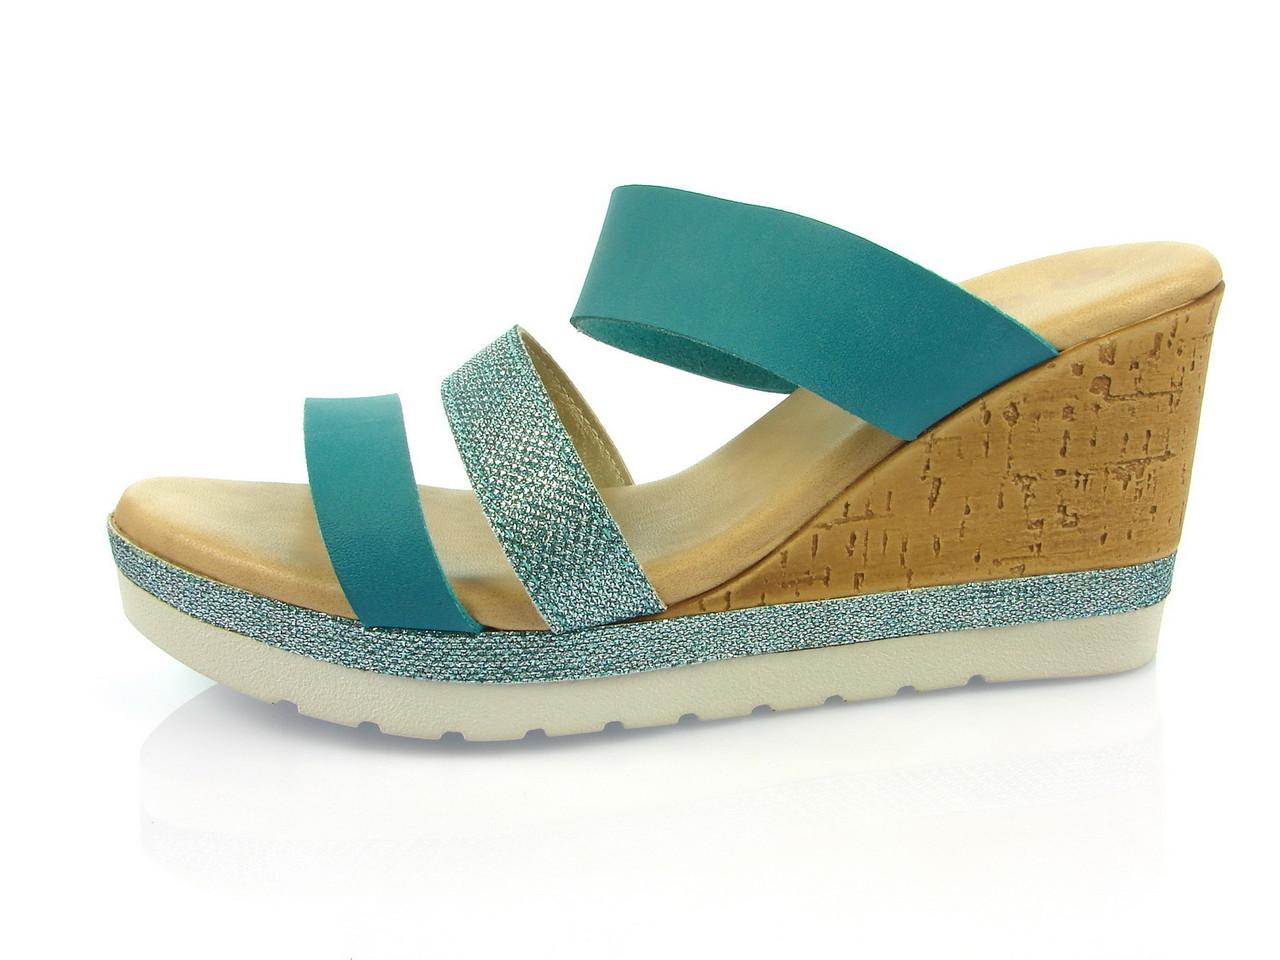 Женская обувь Inblu сабо EV-17 094 - Оптовый интернет магазин для всей bd32b145d44e0